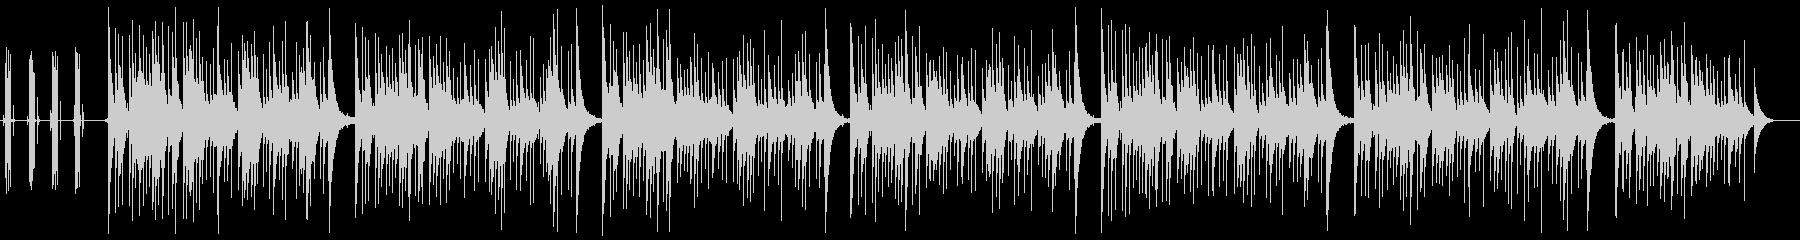 【生録音】オルゴール-カノン-02の未再生の波形